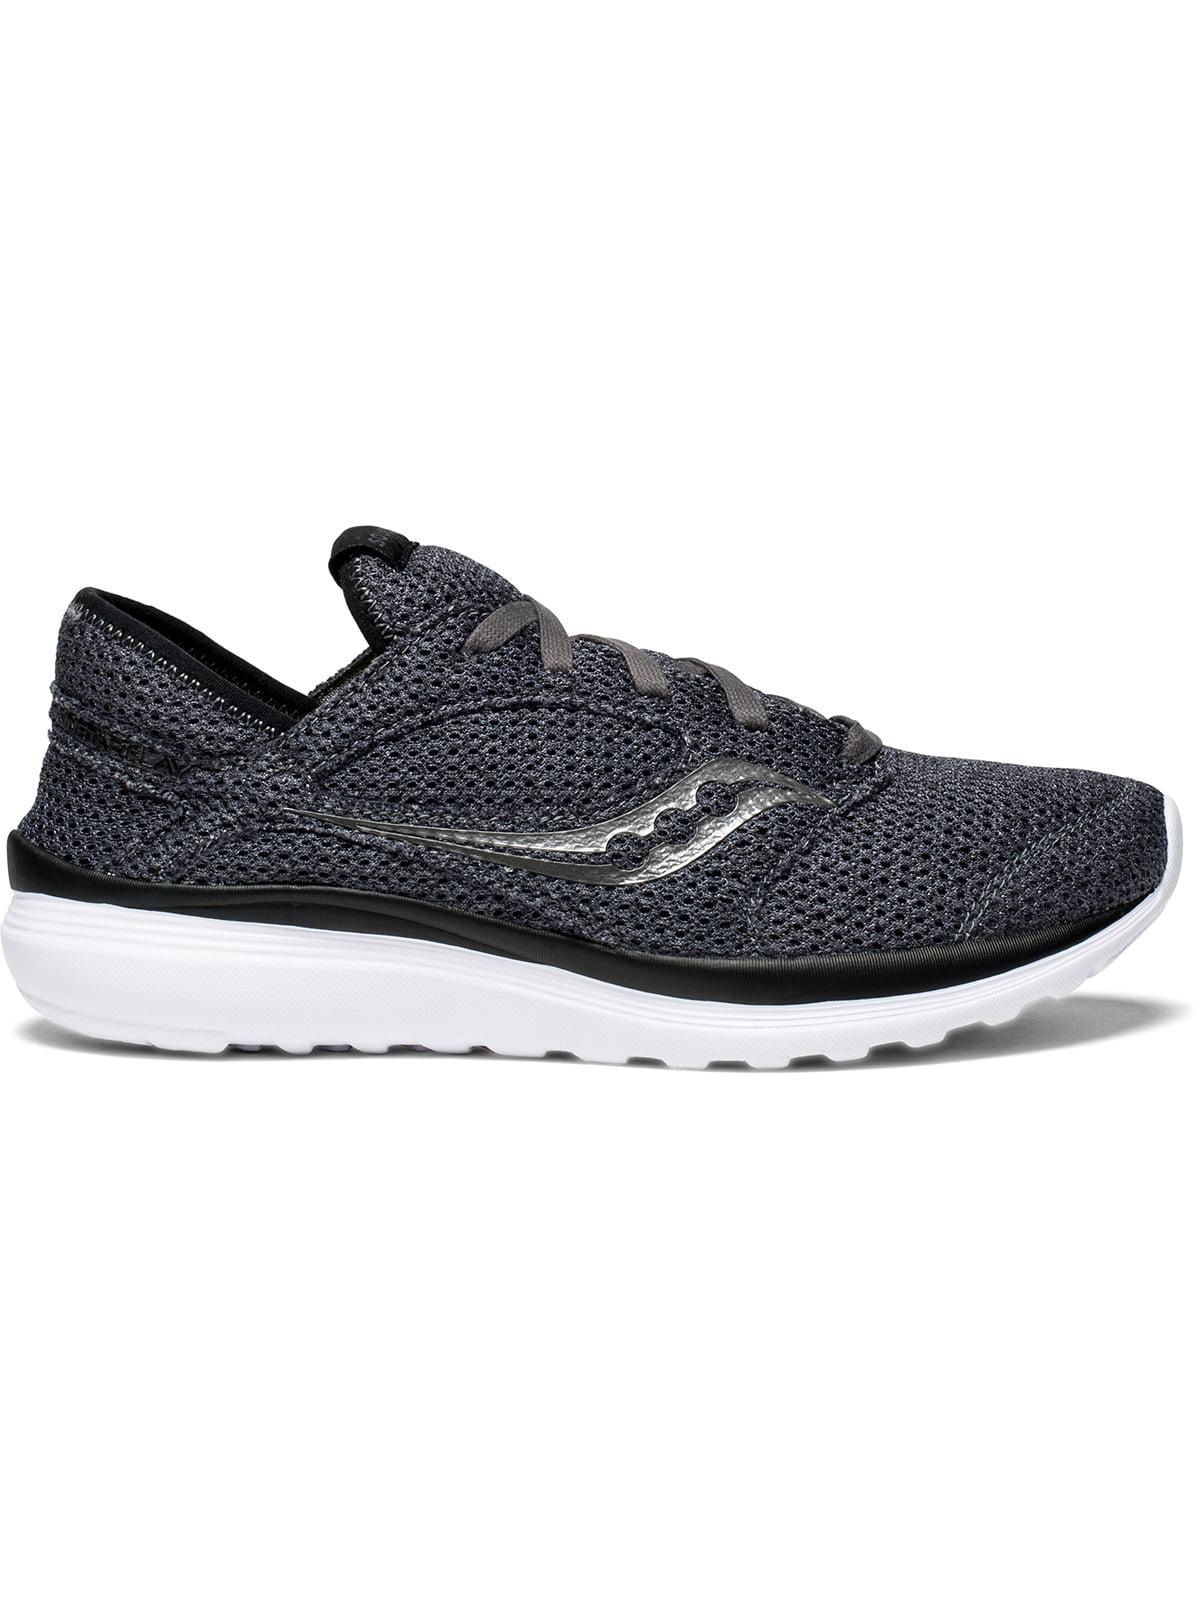 Кросівки чорні Kineta Relay | 4249260